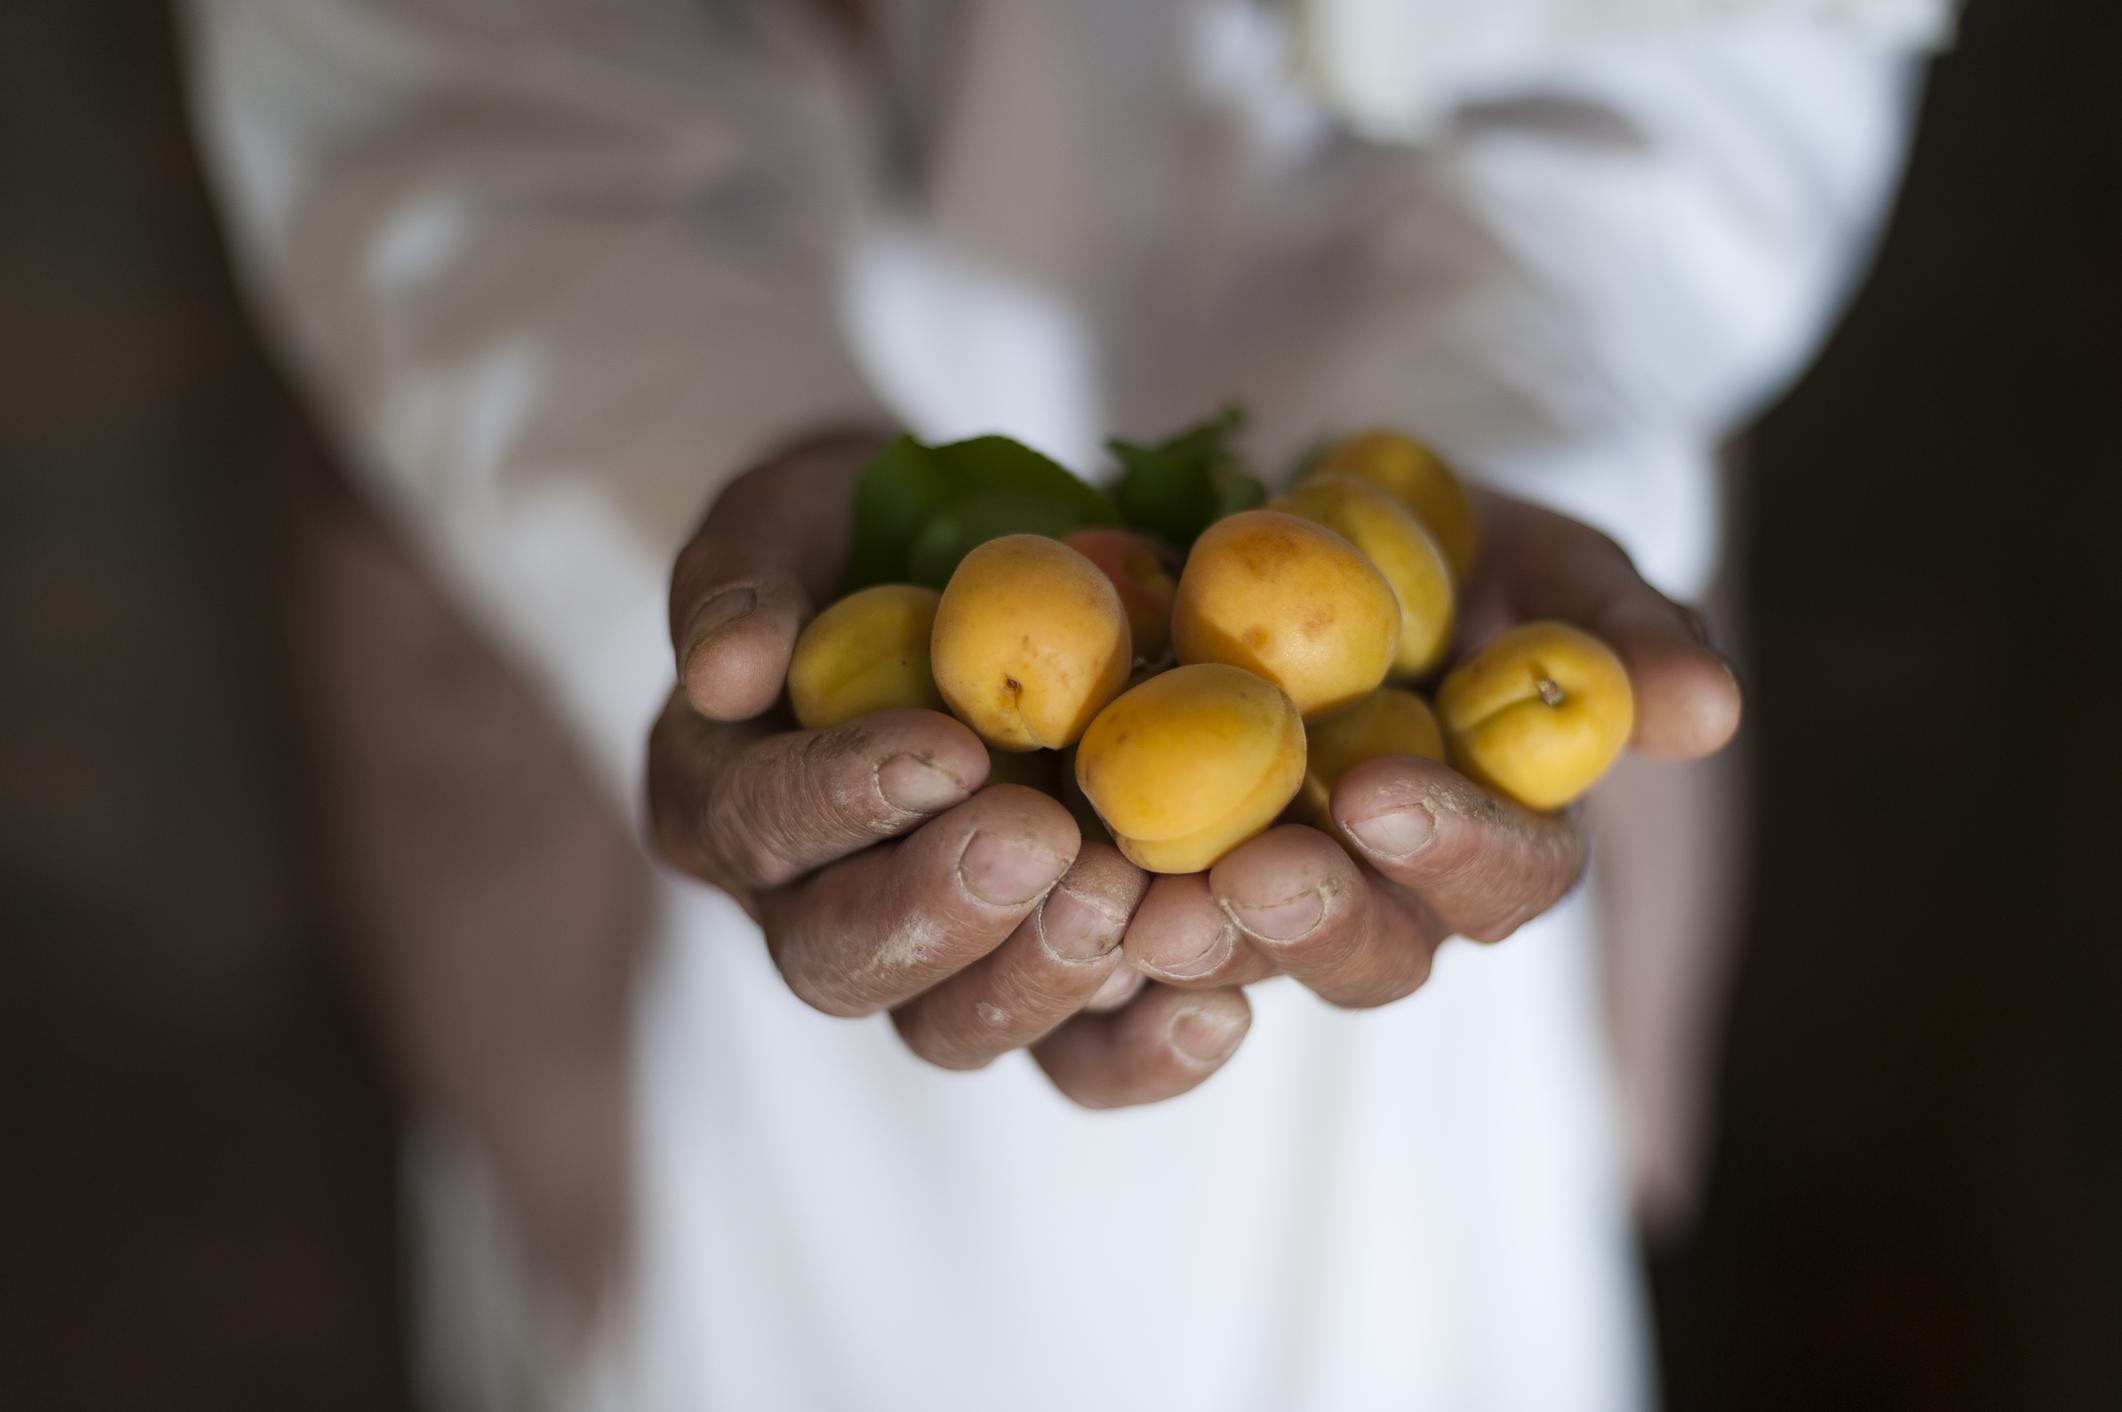 Manos de un hombre inclinado con frutas en la mano